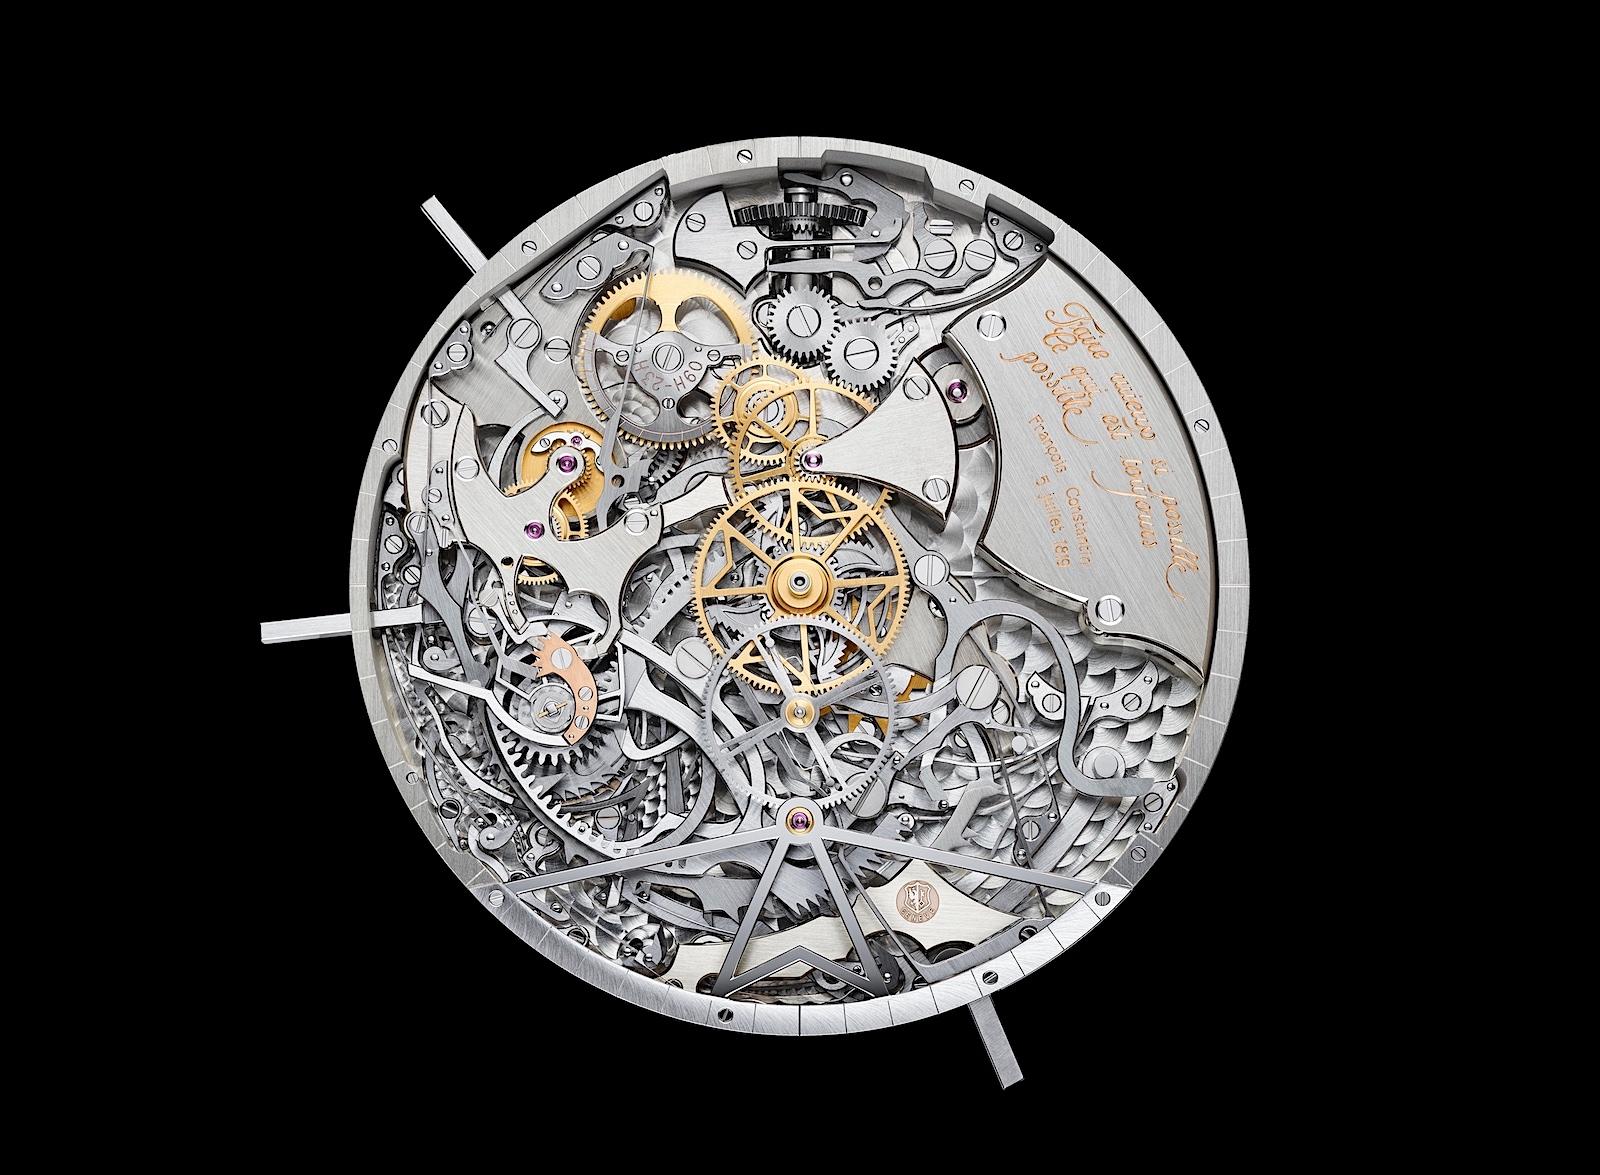 Vacheron Constantin calibre 3761 - anverso